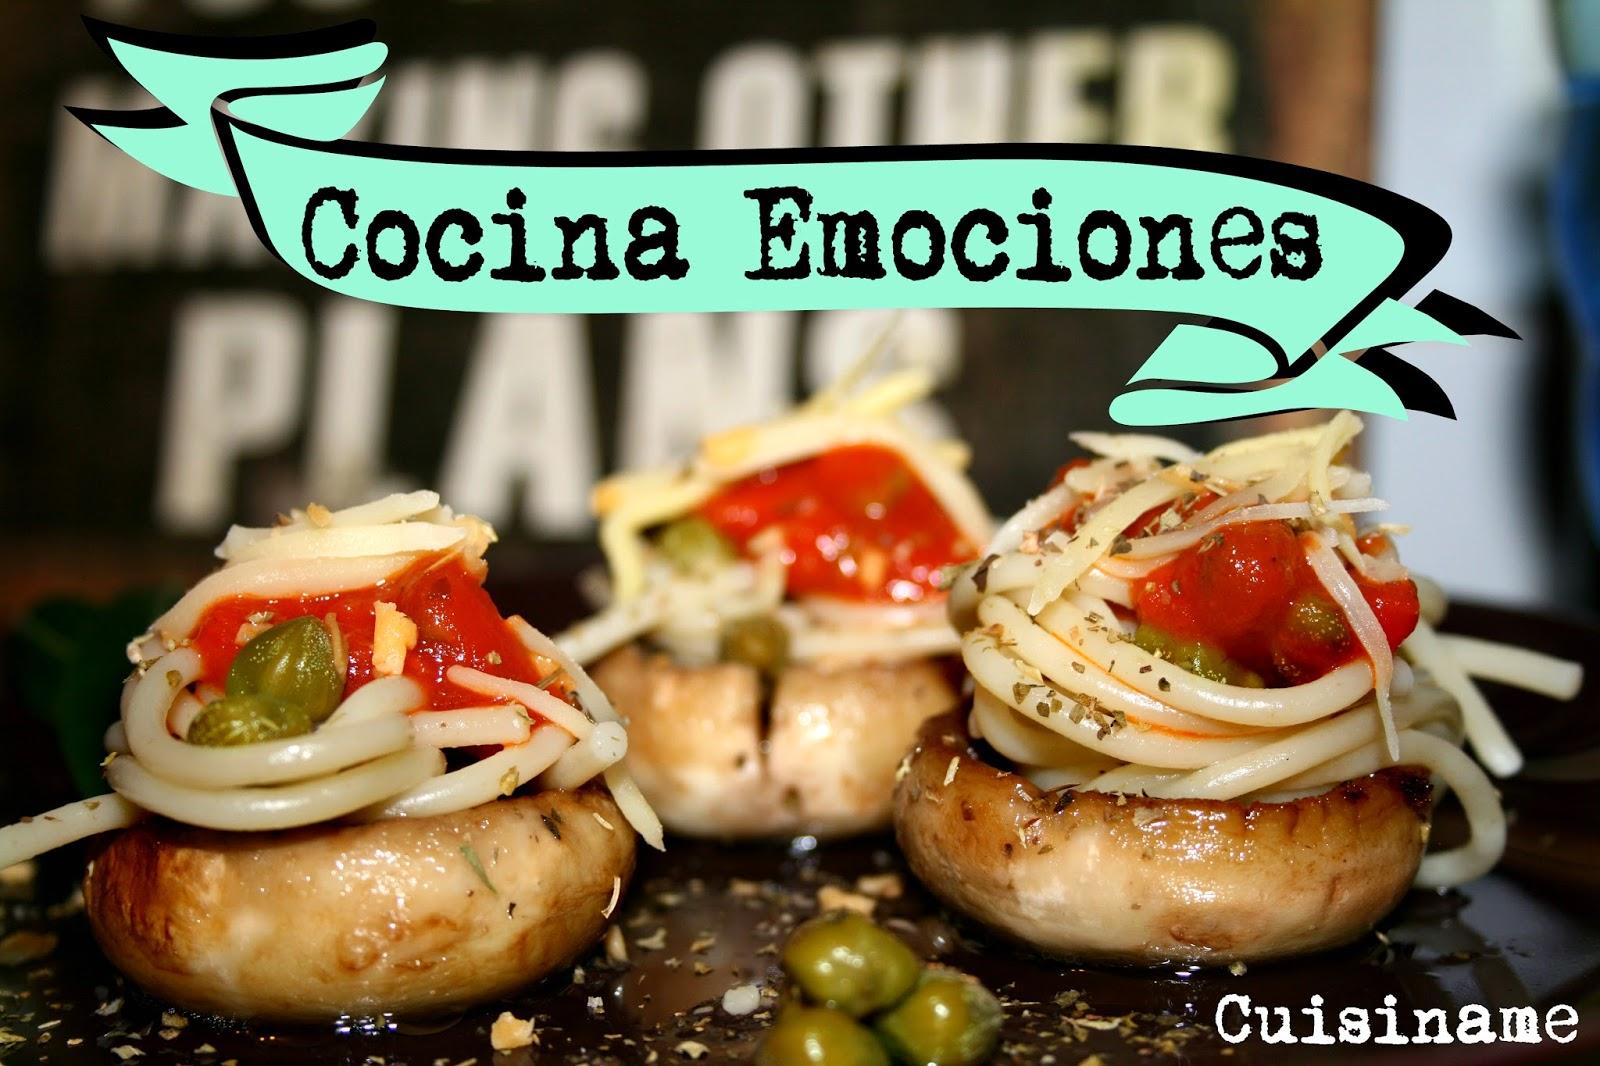 tapas, montaditos, tapas originales, aperitivos, champiñones y setas, recetas de cocina, recetas originales, recetas caseras, recetas fáciles, humor, blog cocina